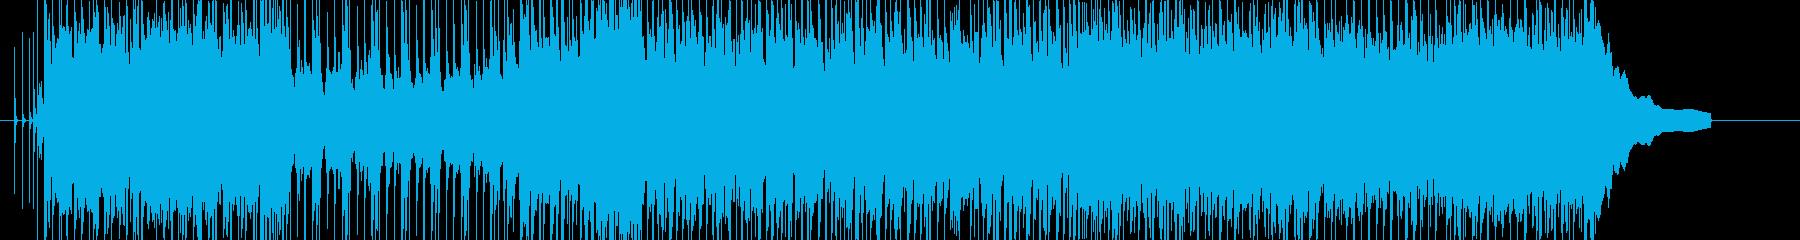 アコギ、エレキメインのポップインストの再生済みの波形